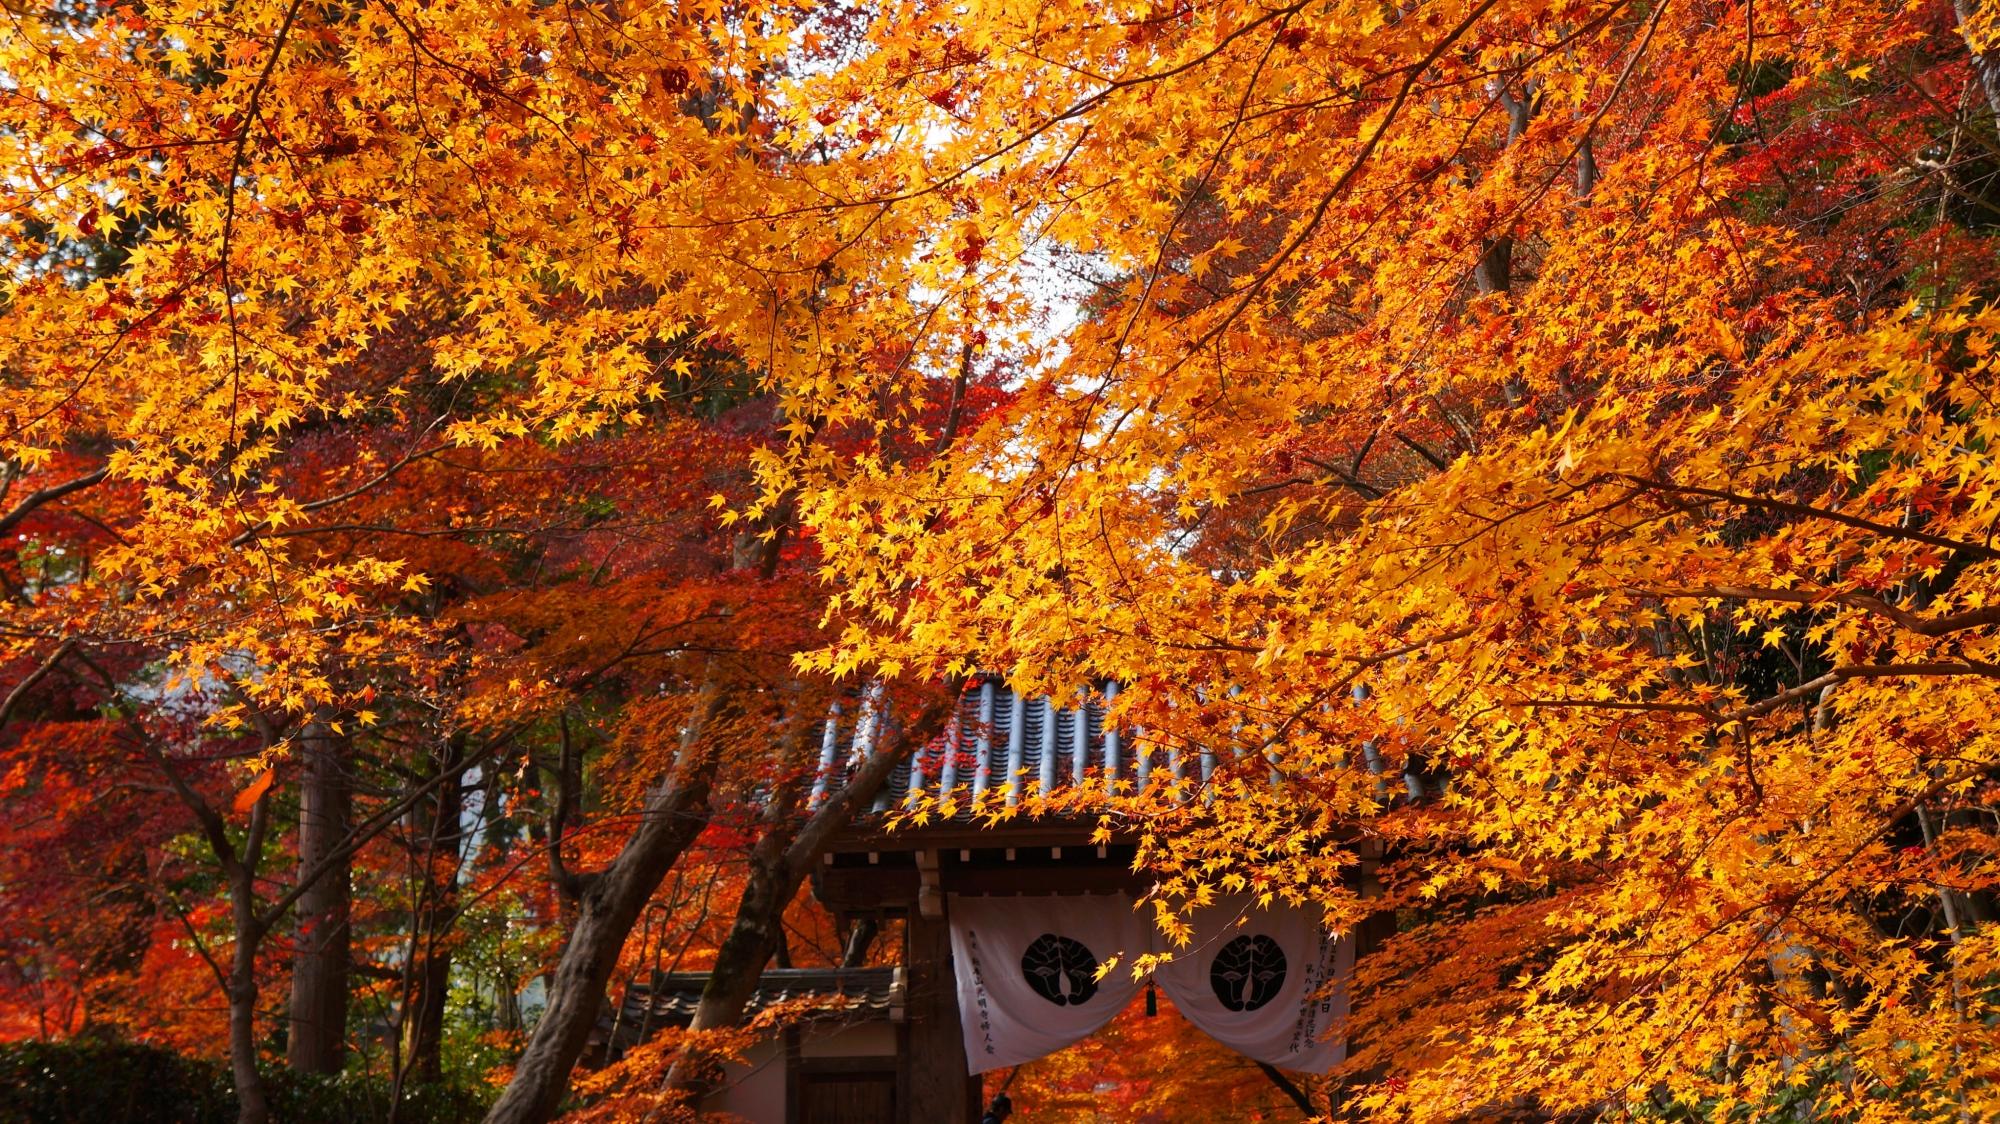 黄金の紅葉につつまれる光明寺の薬医門